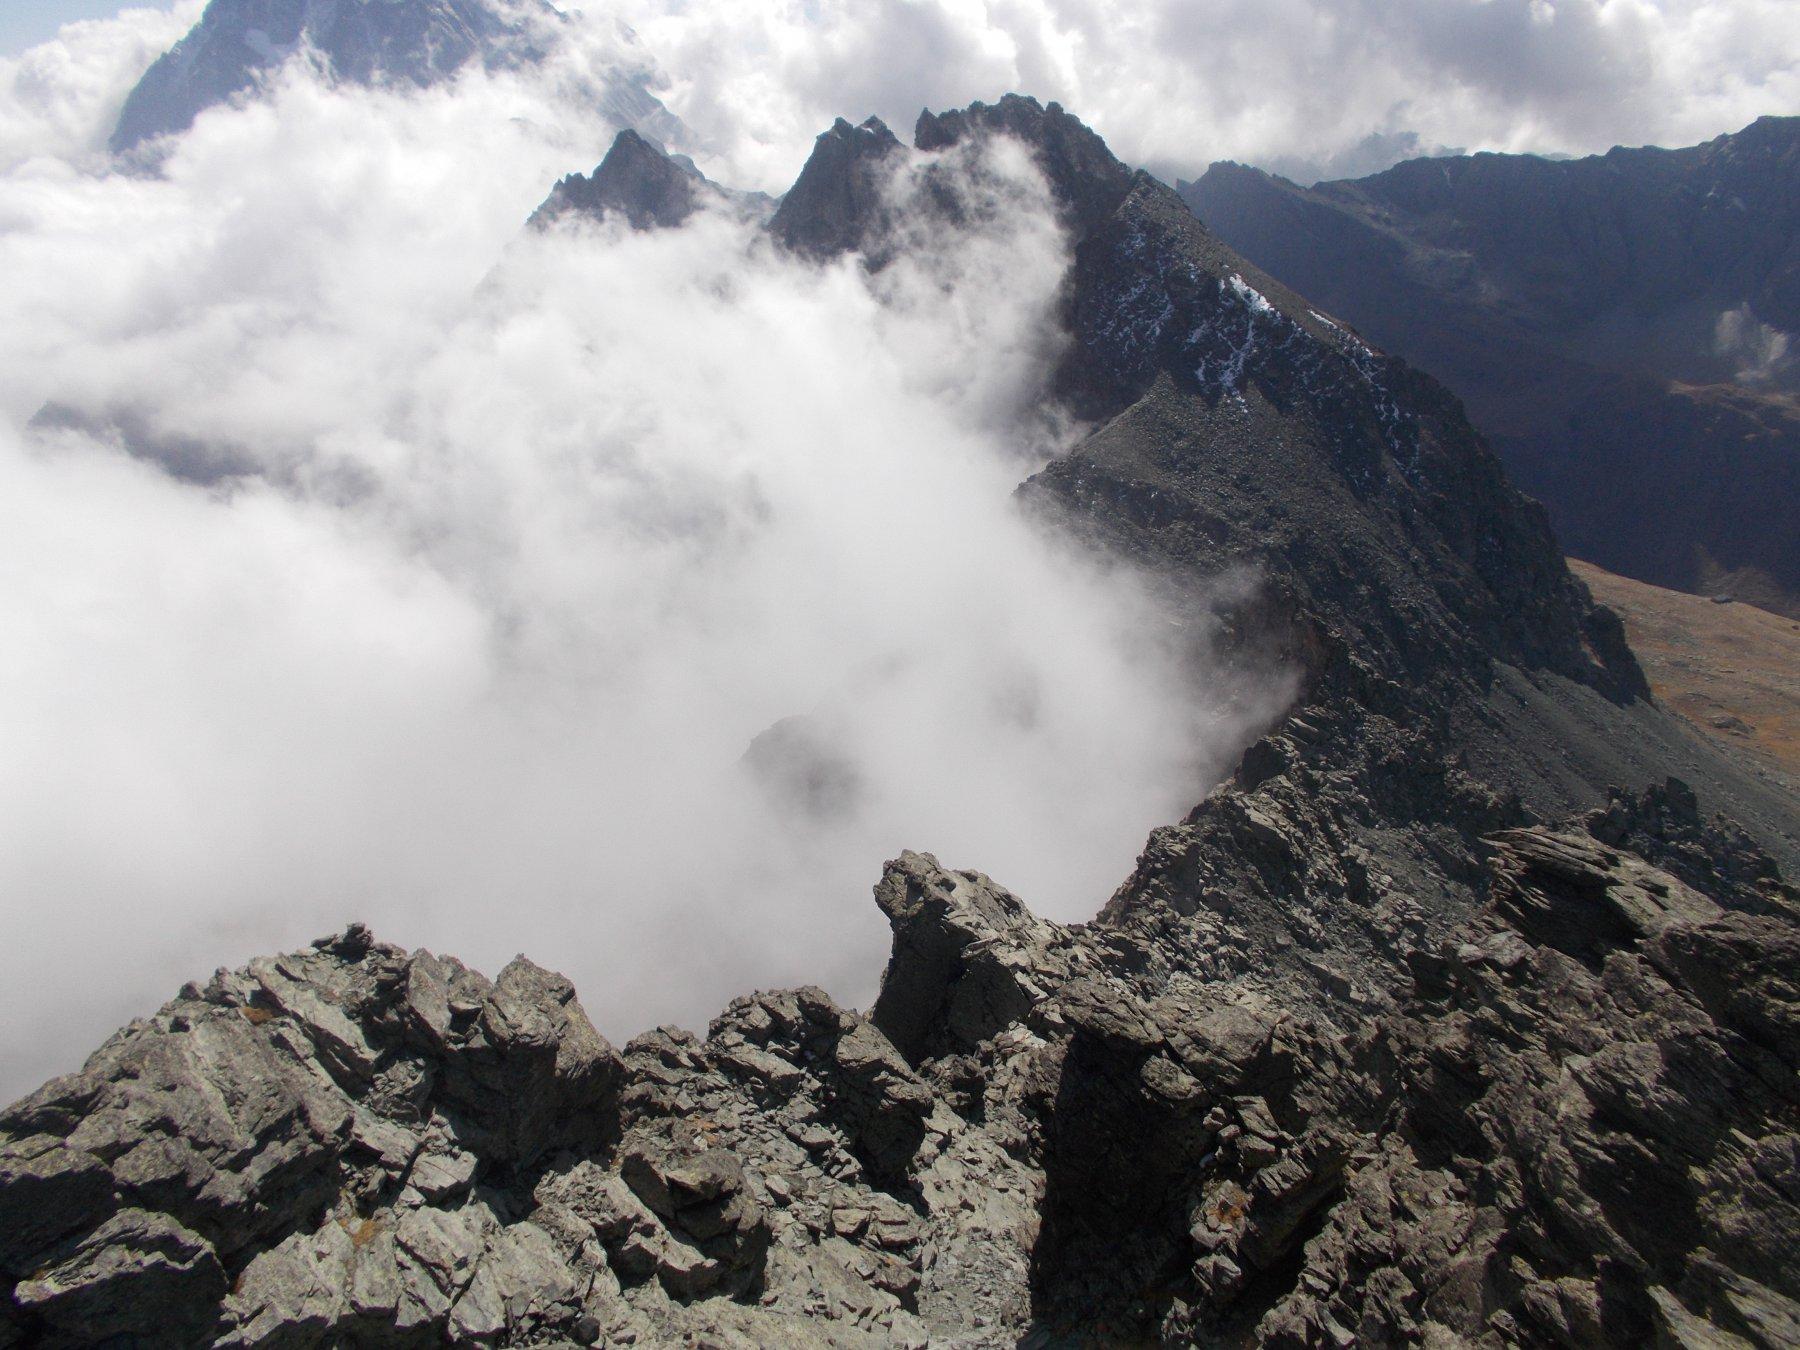 la cresta di salita lambita dalle solite nebbie..dalla vetta del Granero..